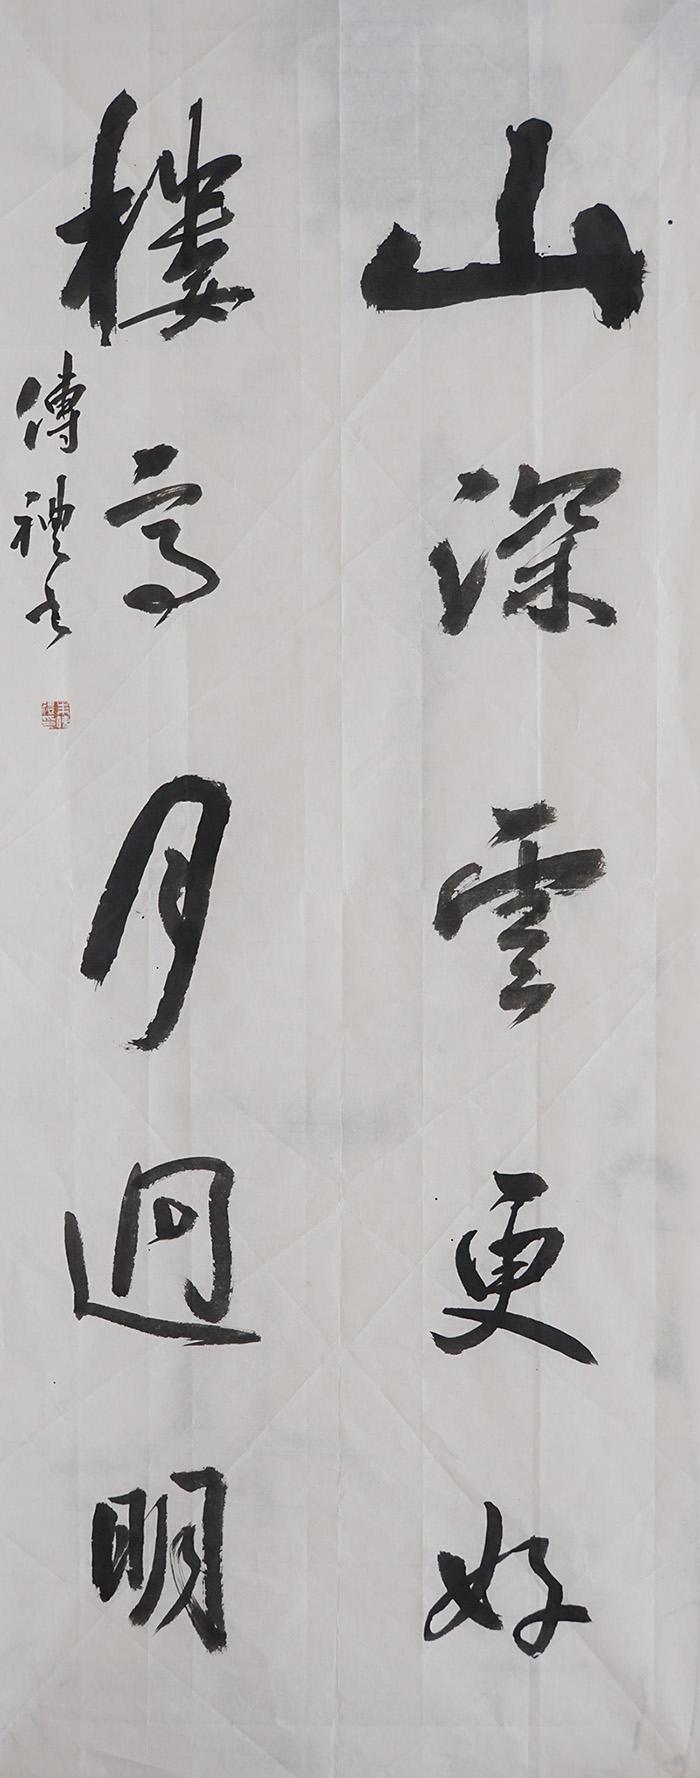 朱传礼作品之一 (8)